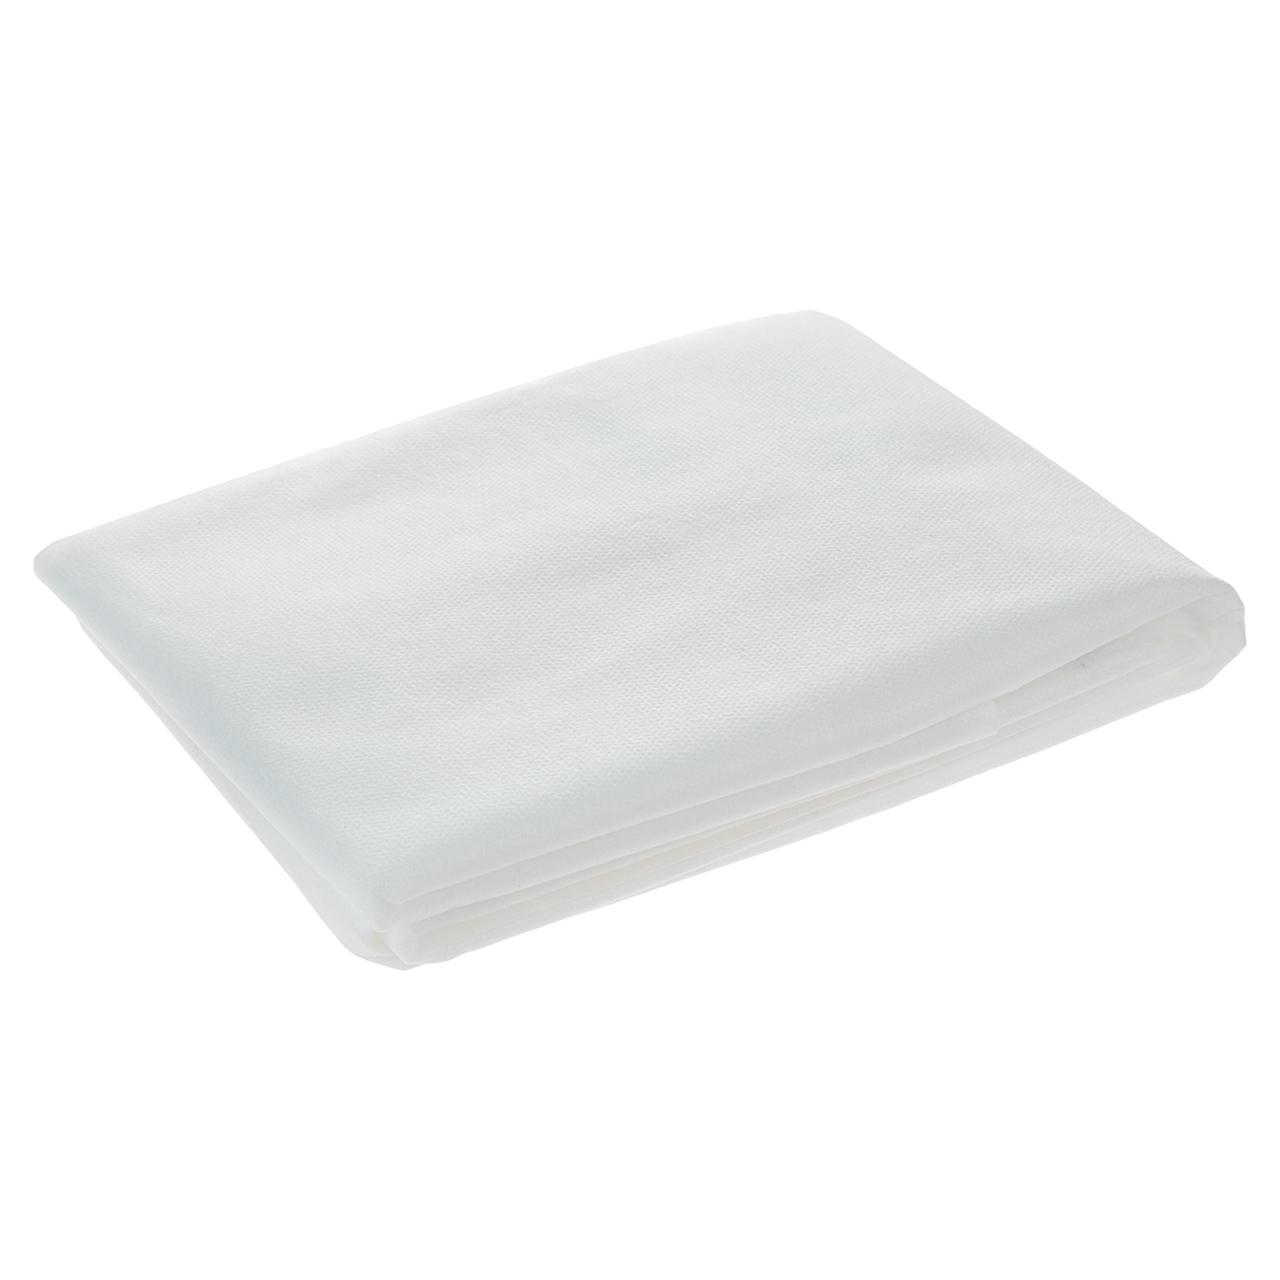 سرویس ملحفه یکبار مصرف پاکنام بی بافت مدل Feather Pad  یک نفره 2 تکه